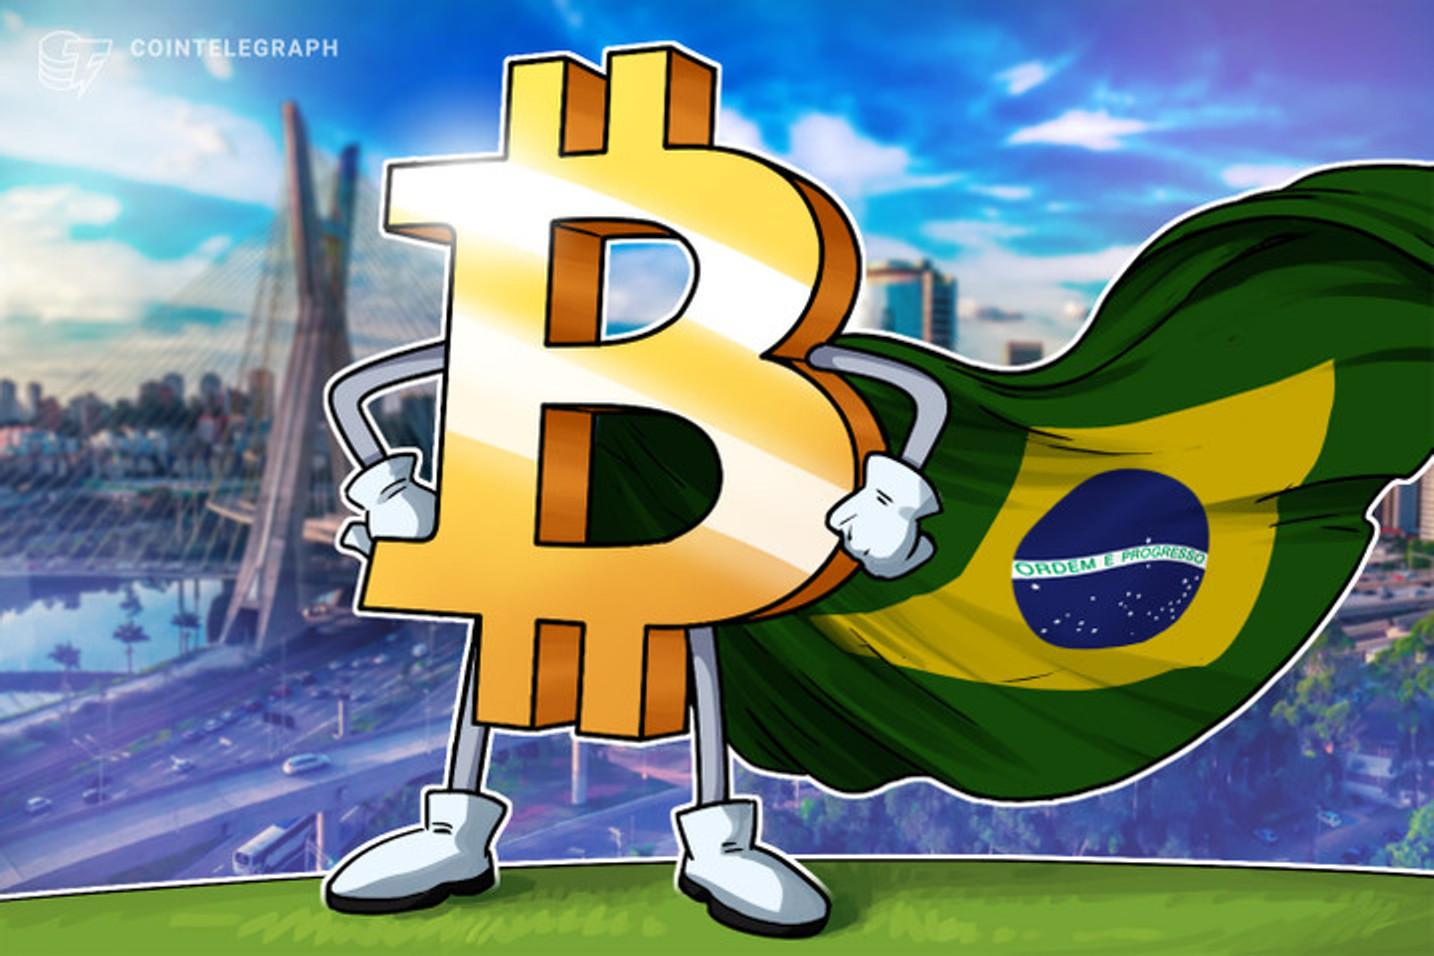 Melhor da Semana: Brasileiro pioneiro do Bitcoin reaparece, o Real pode virar 100% digital e dúvidas sobre o Open Banking